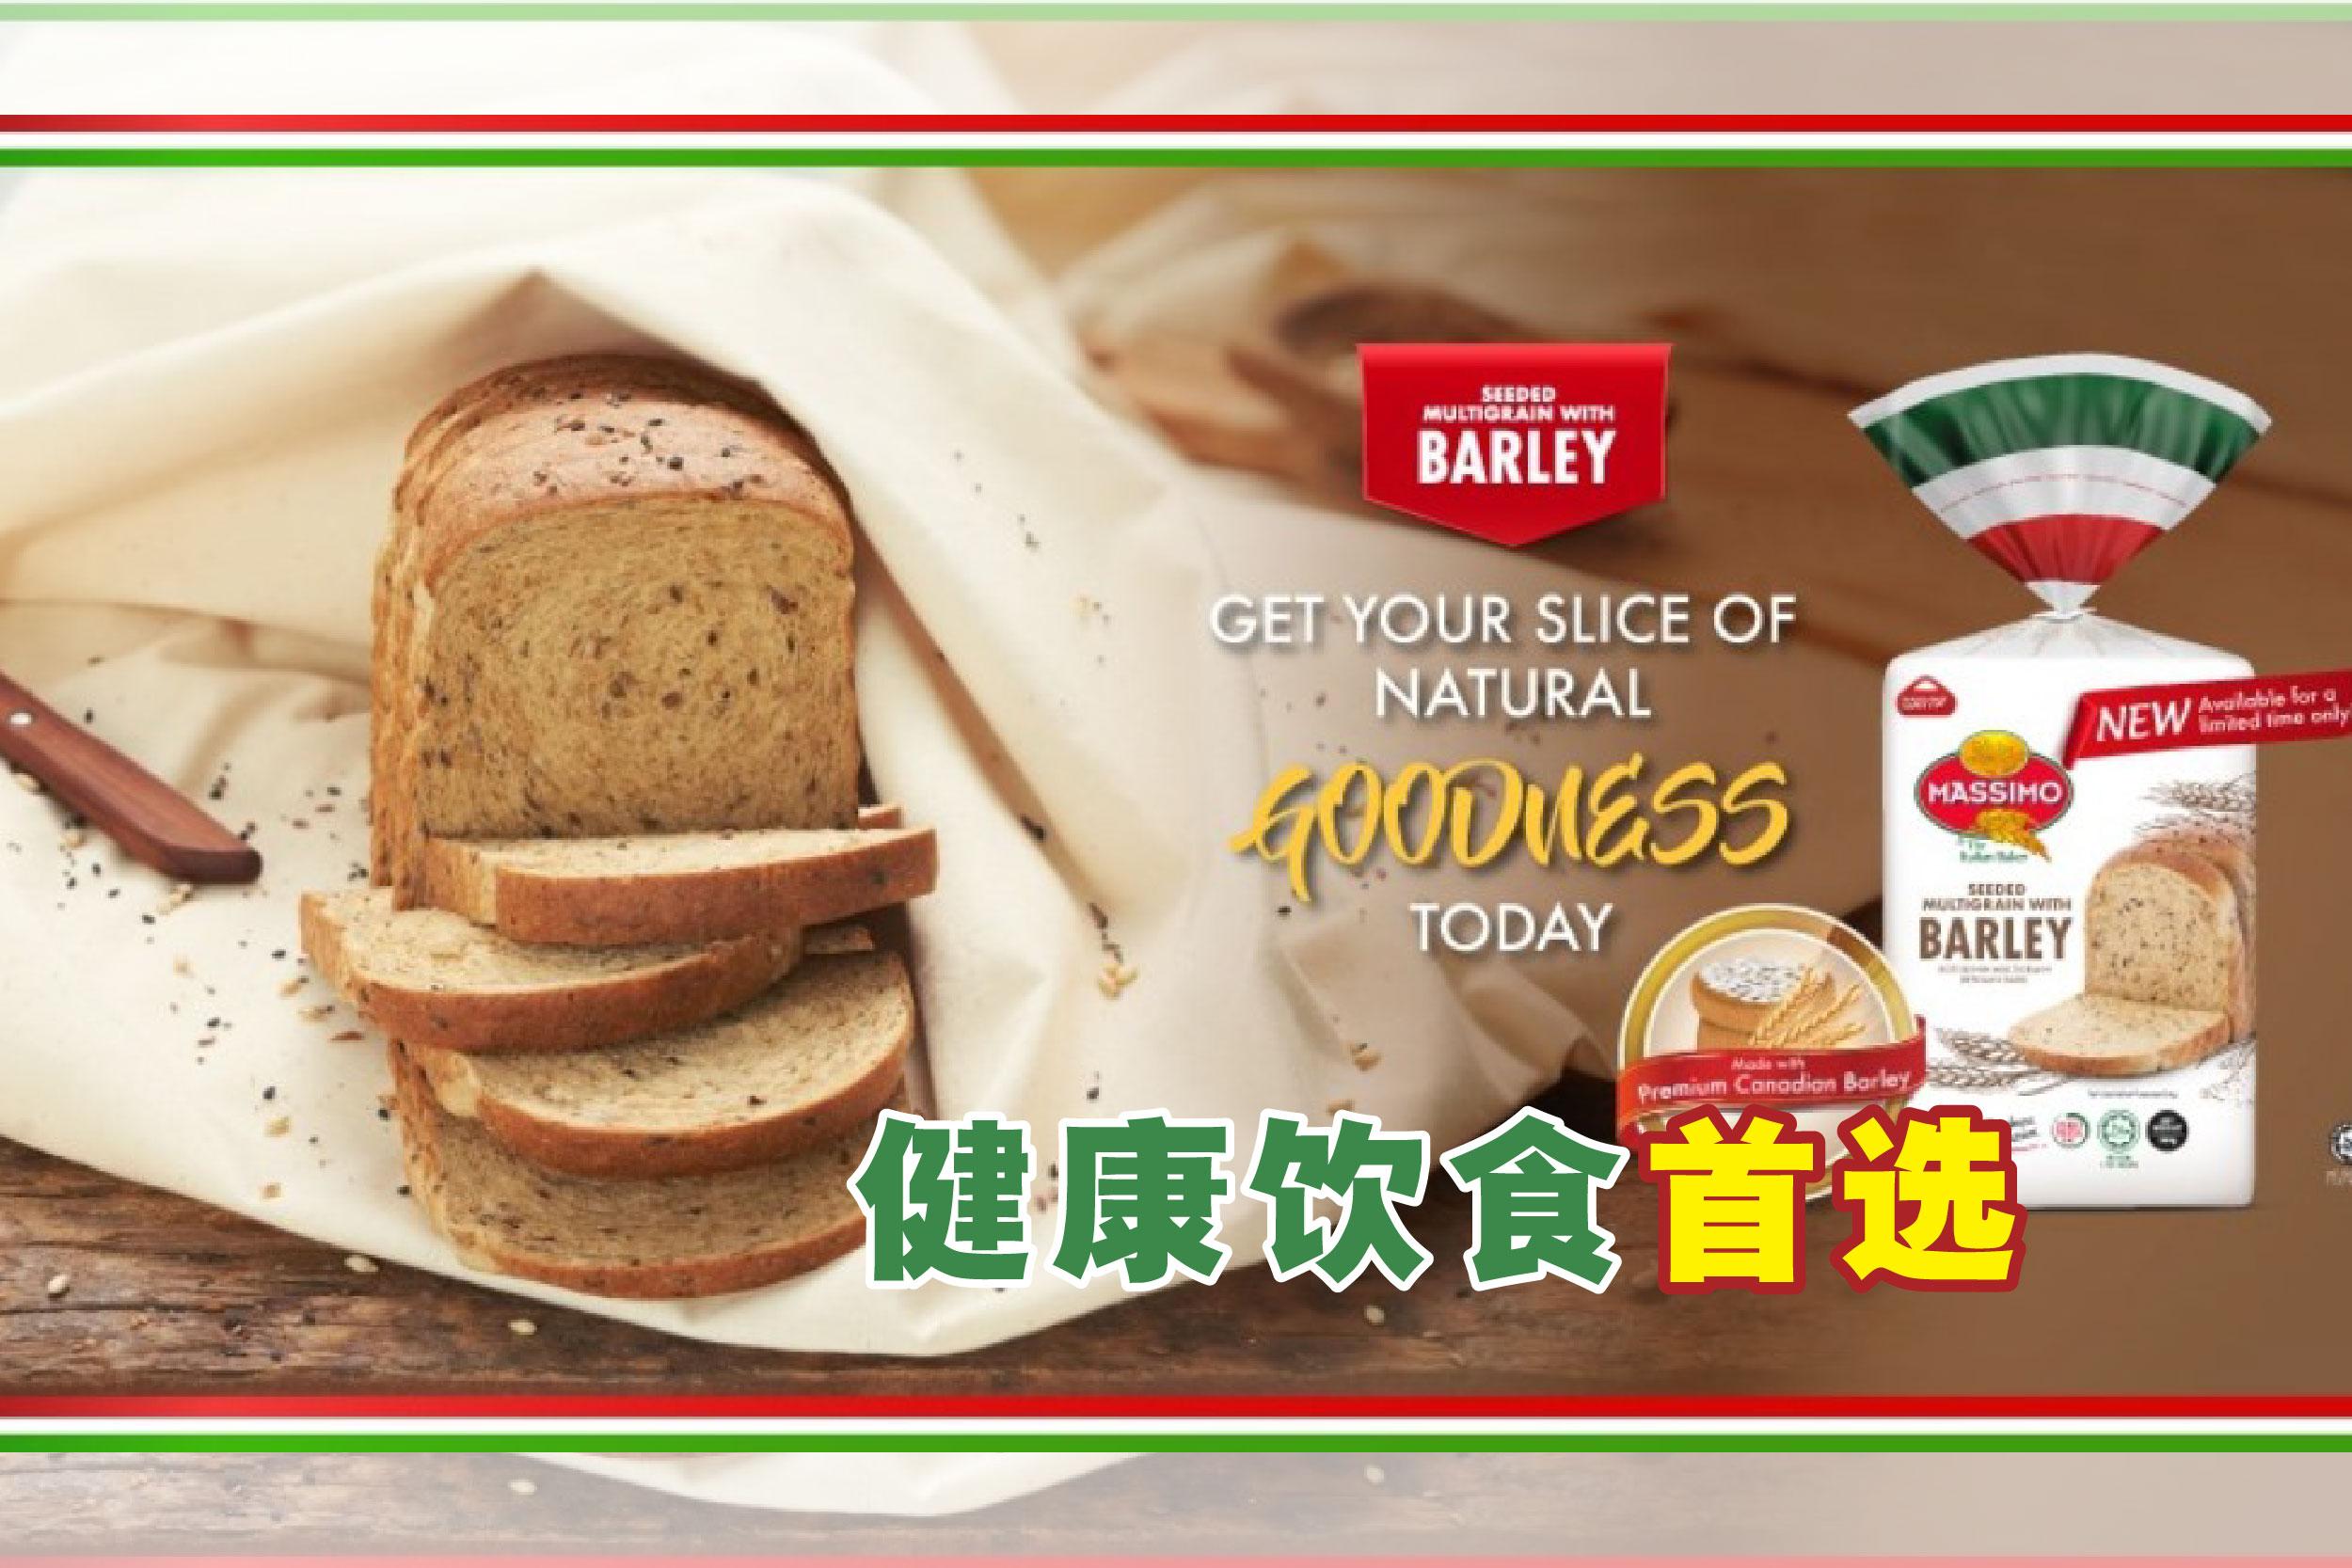 采用优质加拿大薏米、亚麻籽、奇亚籽、葵花籽和黑芝麻来制作的Massimo健康手工杂粮面包。